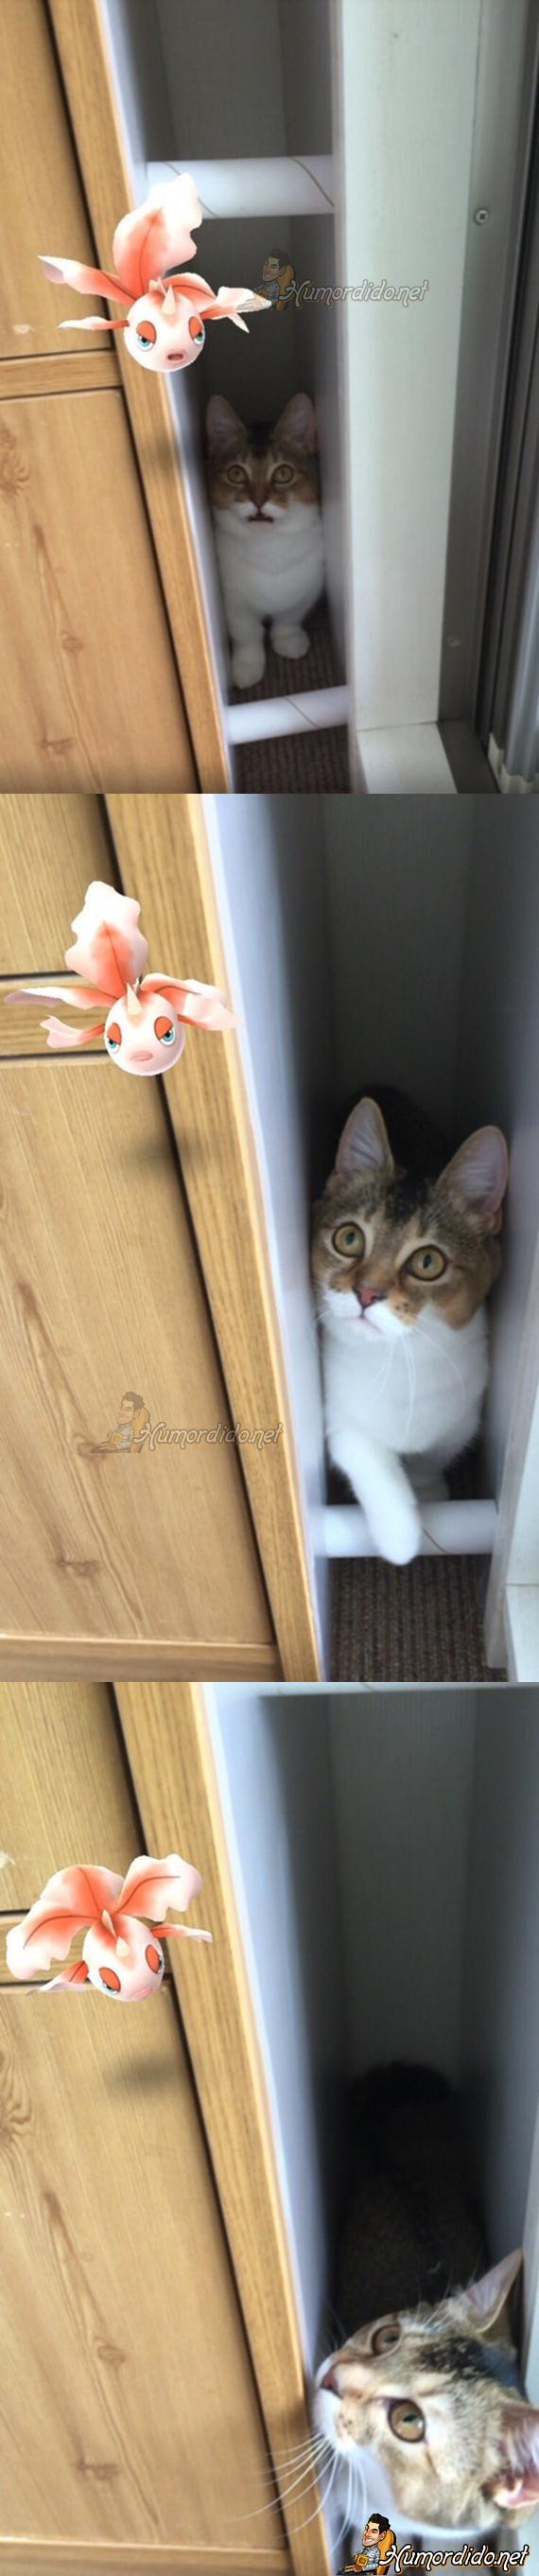 os-gatos-podem-ver-pokemons